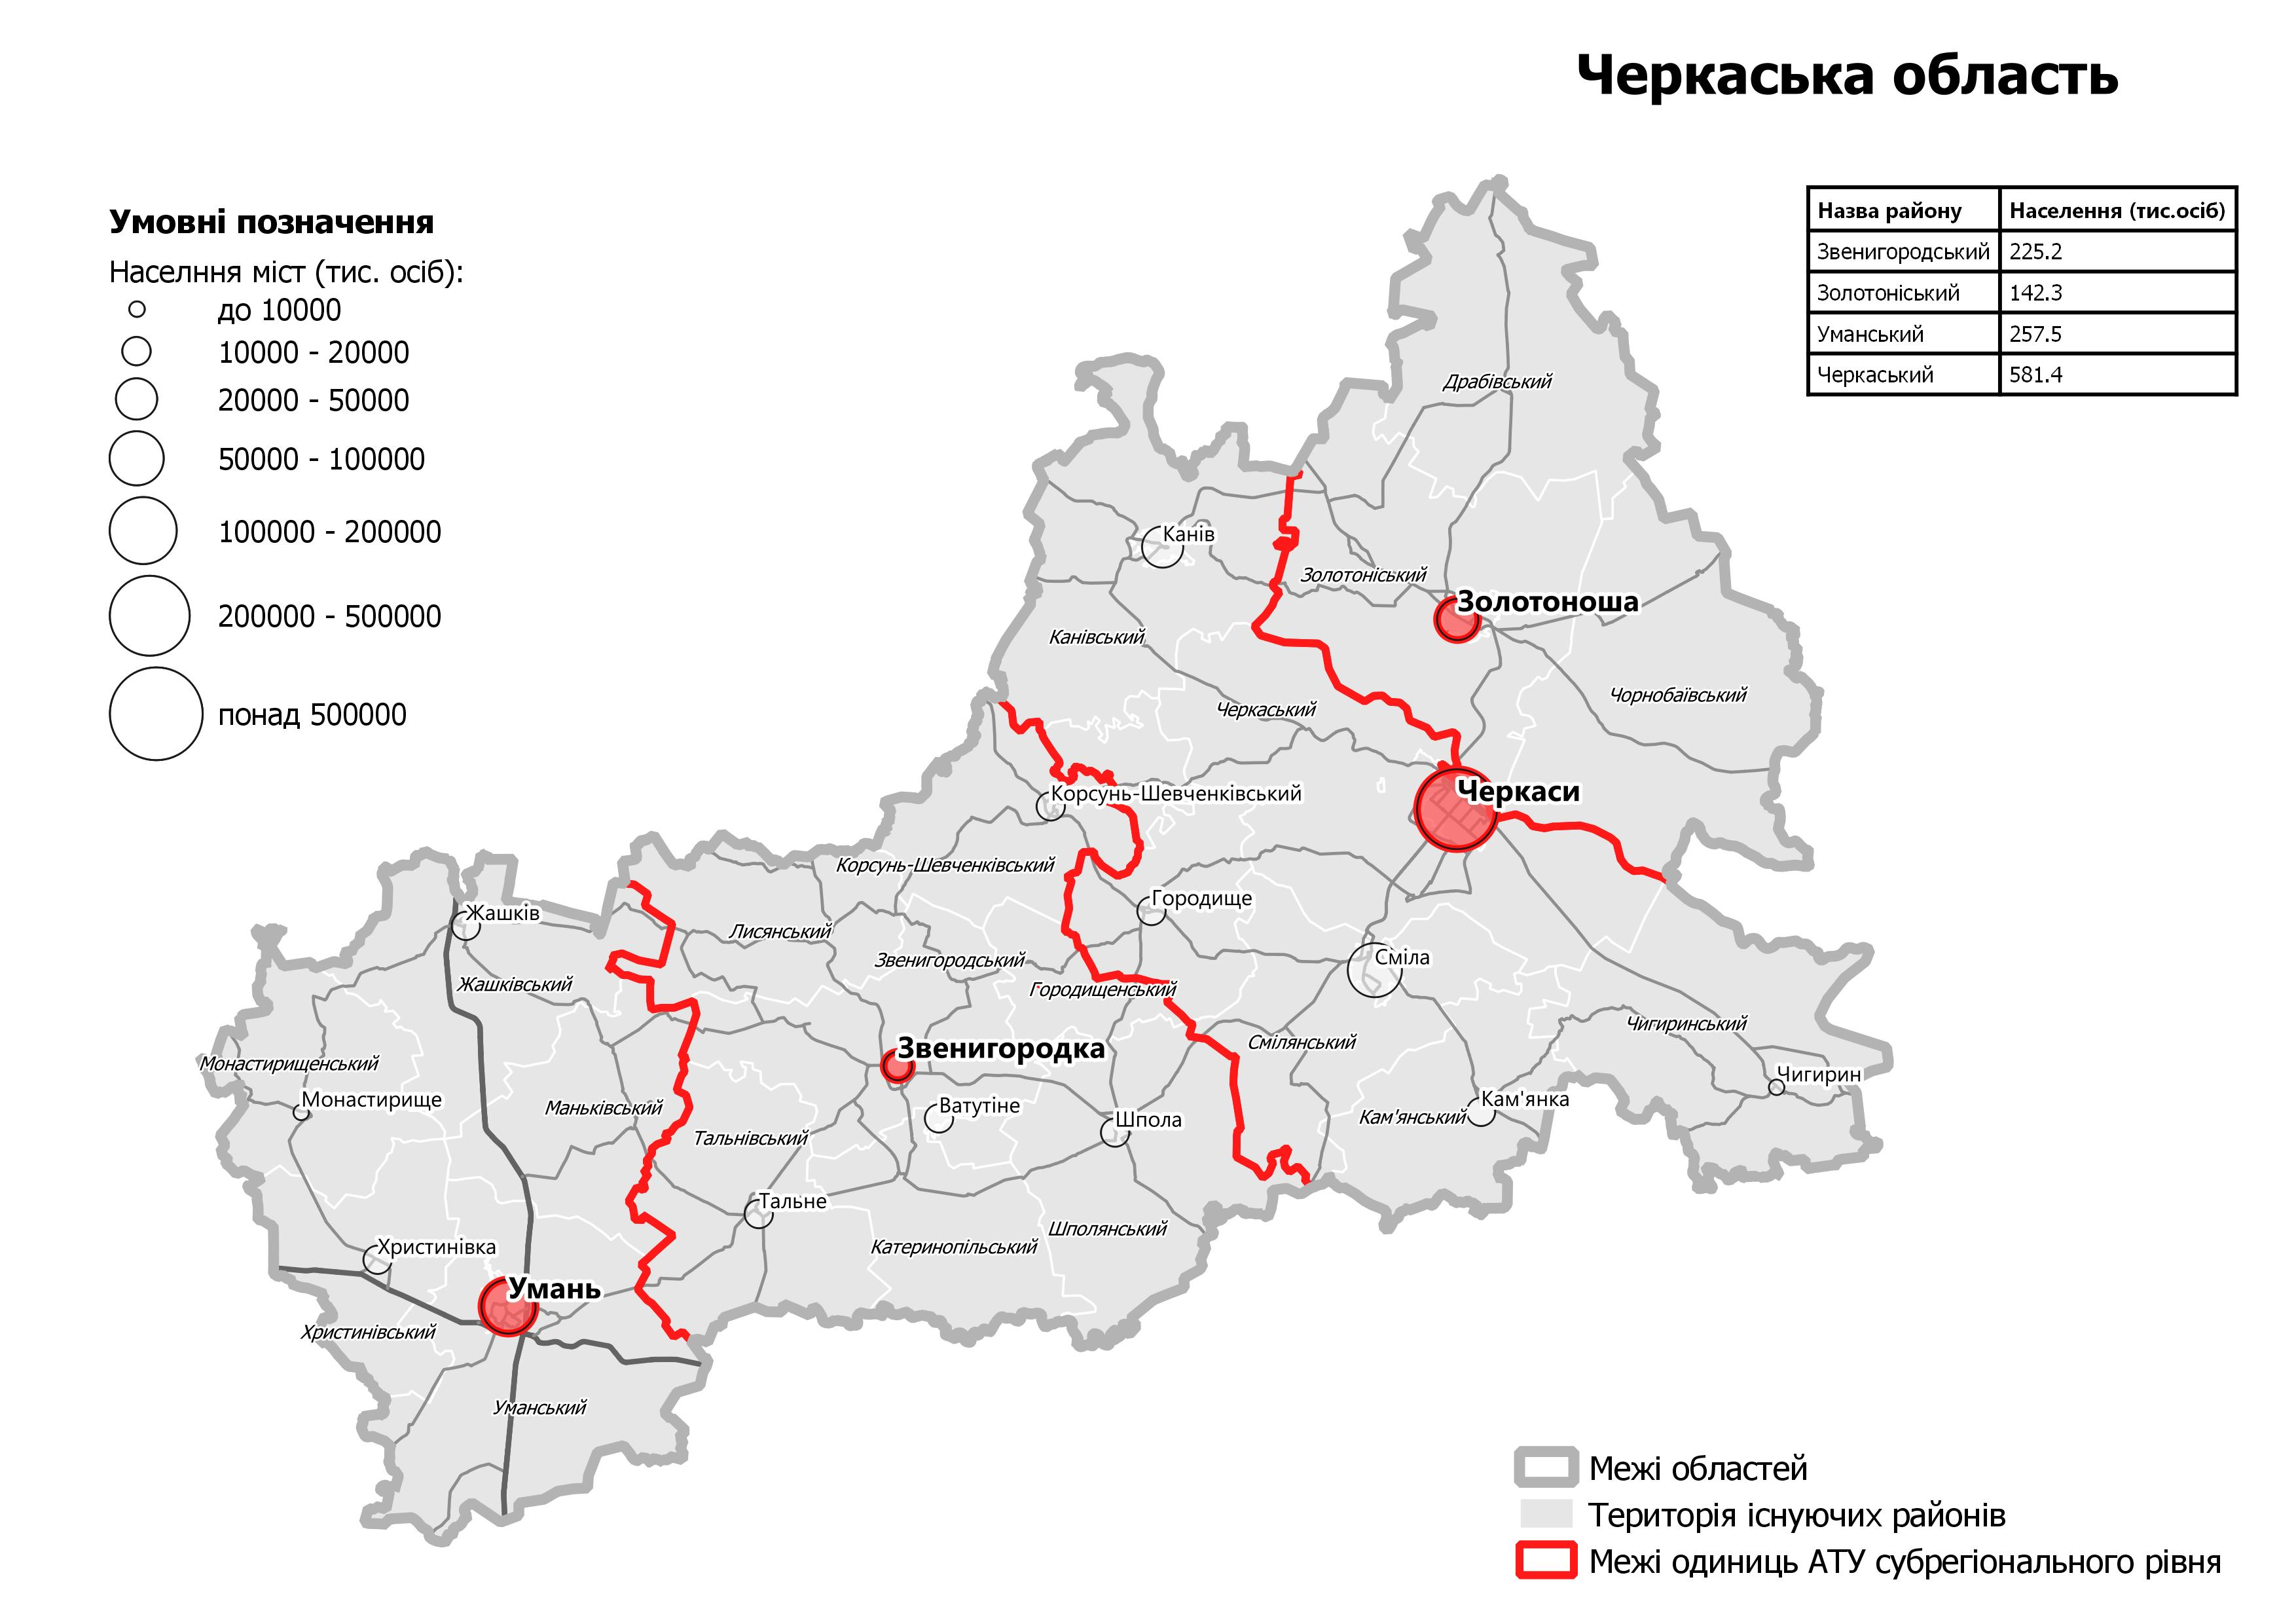 Проект территориального устройства Черкасской области